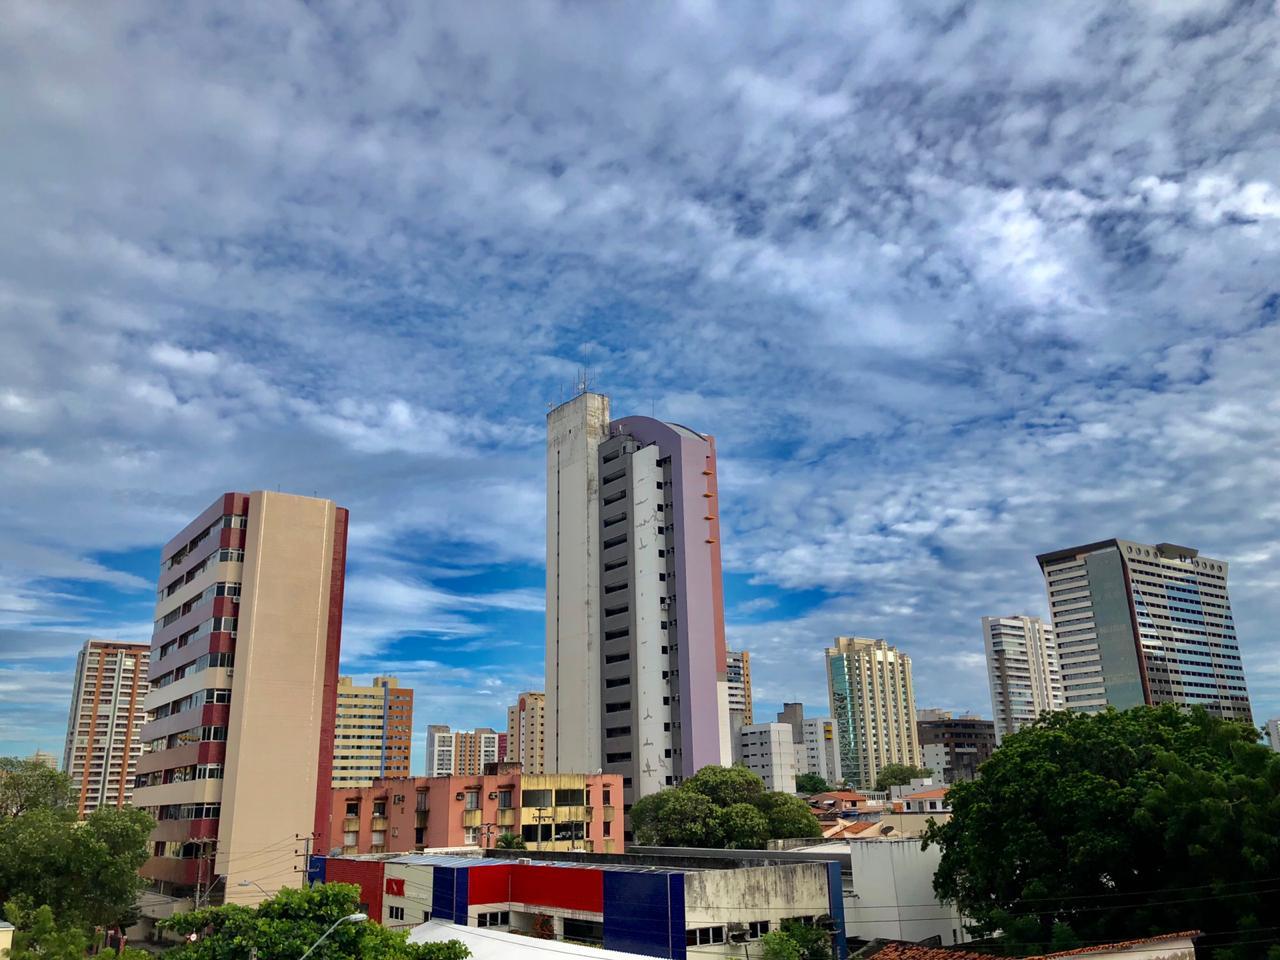 O dia começou com céu mais claro na Capital, mas cenário meteorológico ainda indica possibilidade de chuvas (FOTO: Marciel Bezerra)